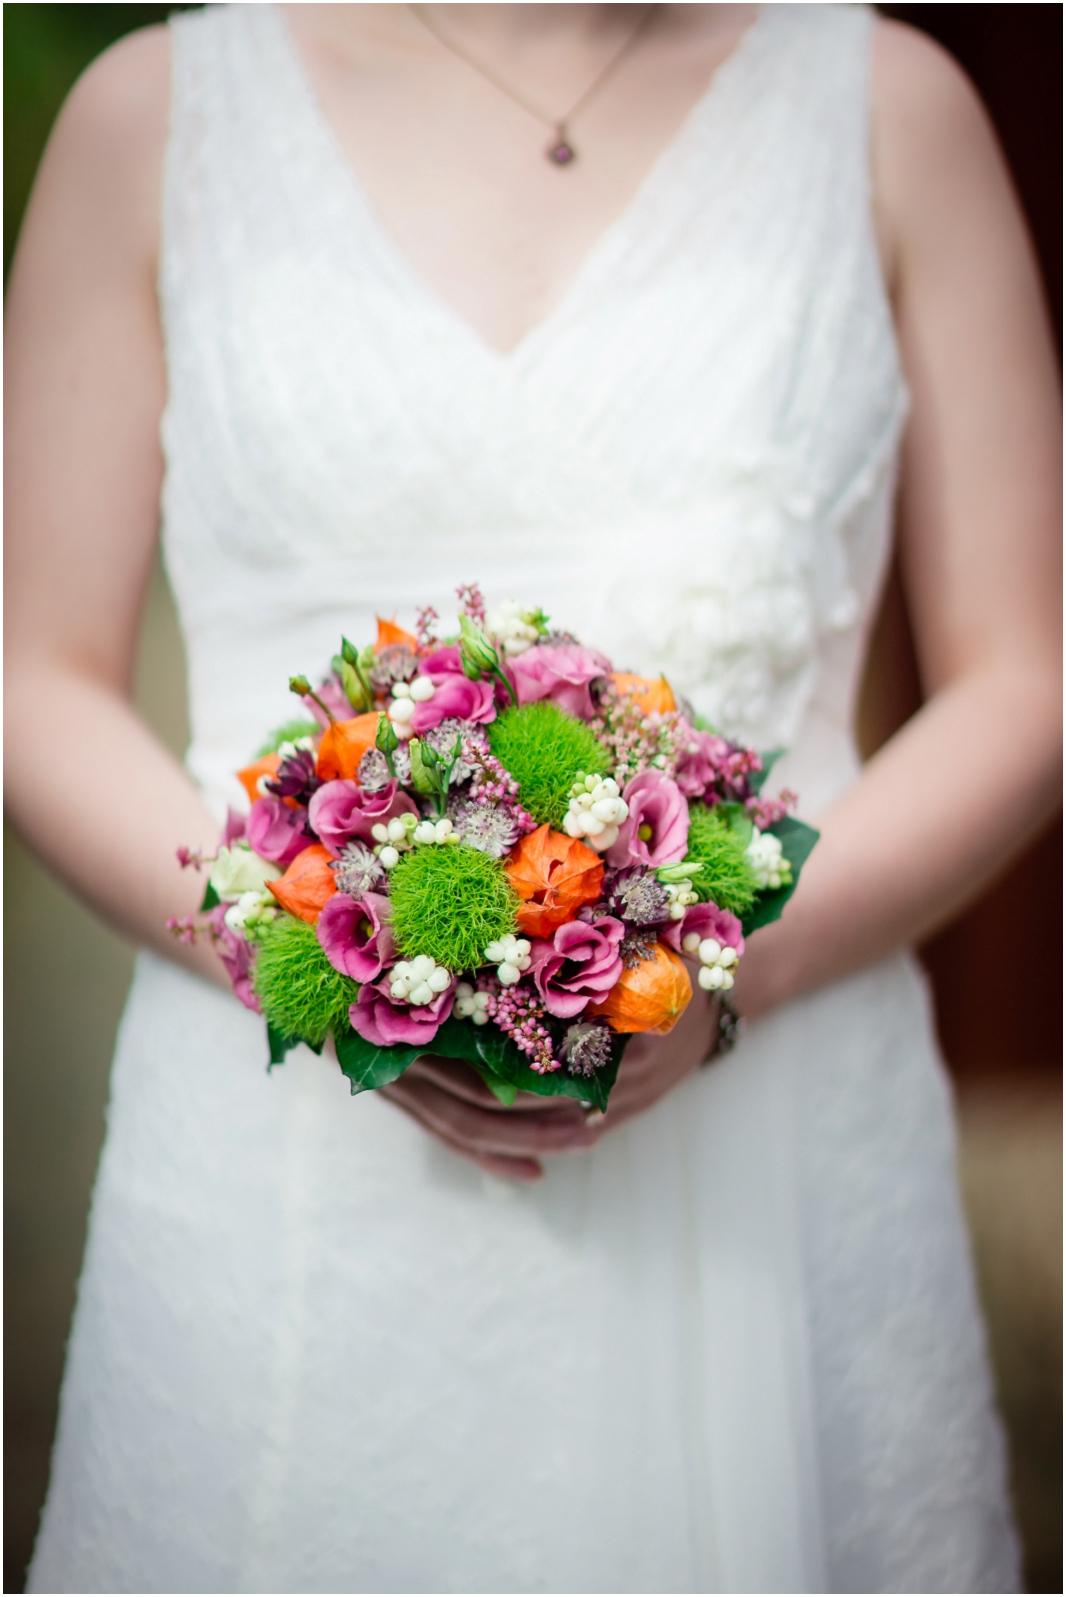 Brautstrauß_Hochzeit_Jülich_Brückenkopfpark_Zitadelle_Hochzeitsfotografie_Hochzeitsreportage_Astrid Ebert Fotografie_0001